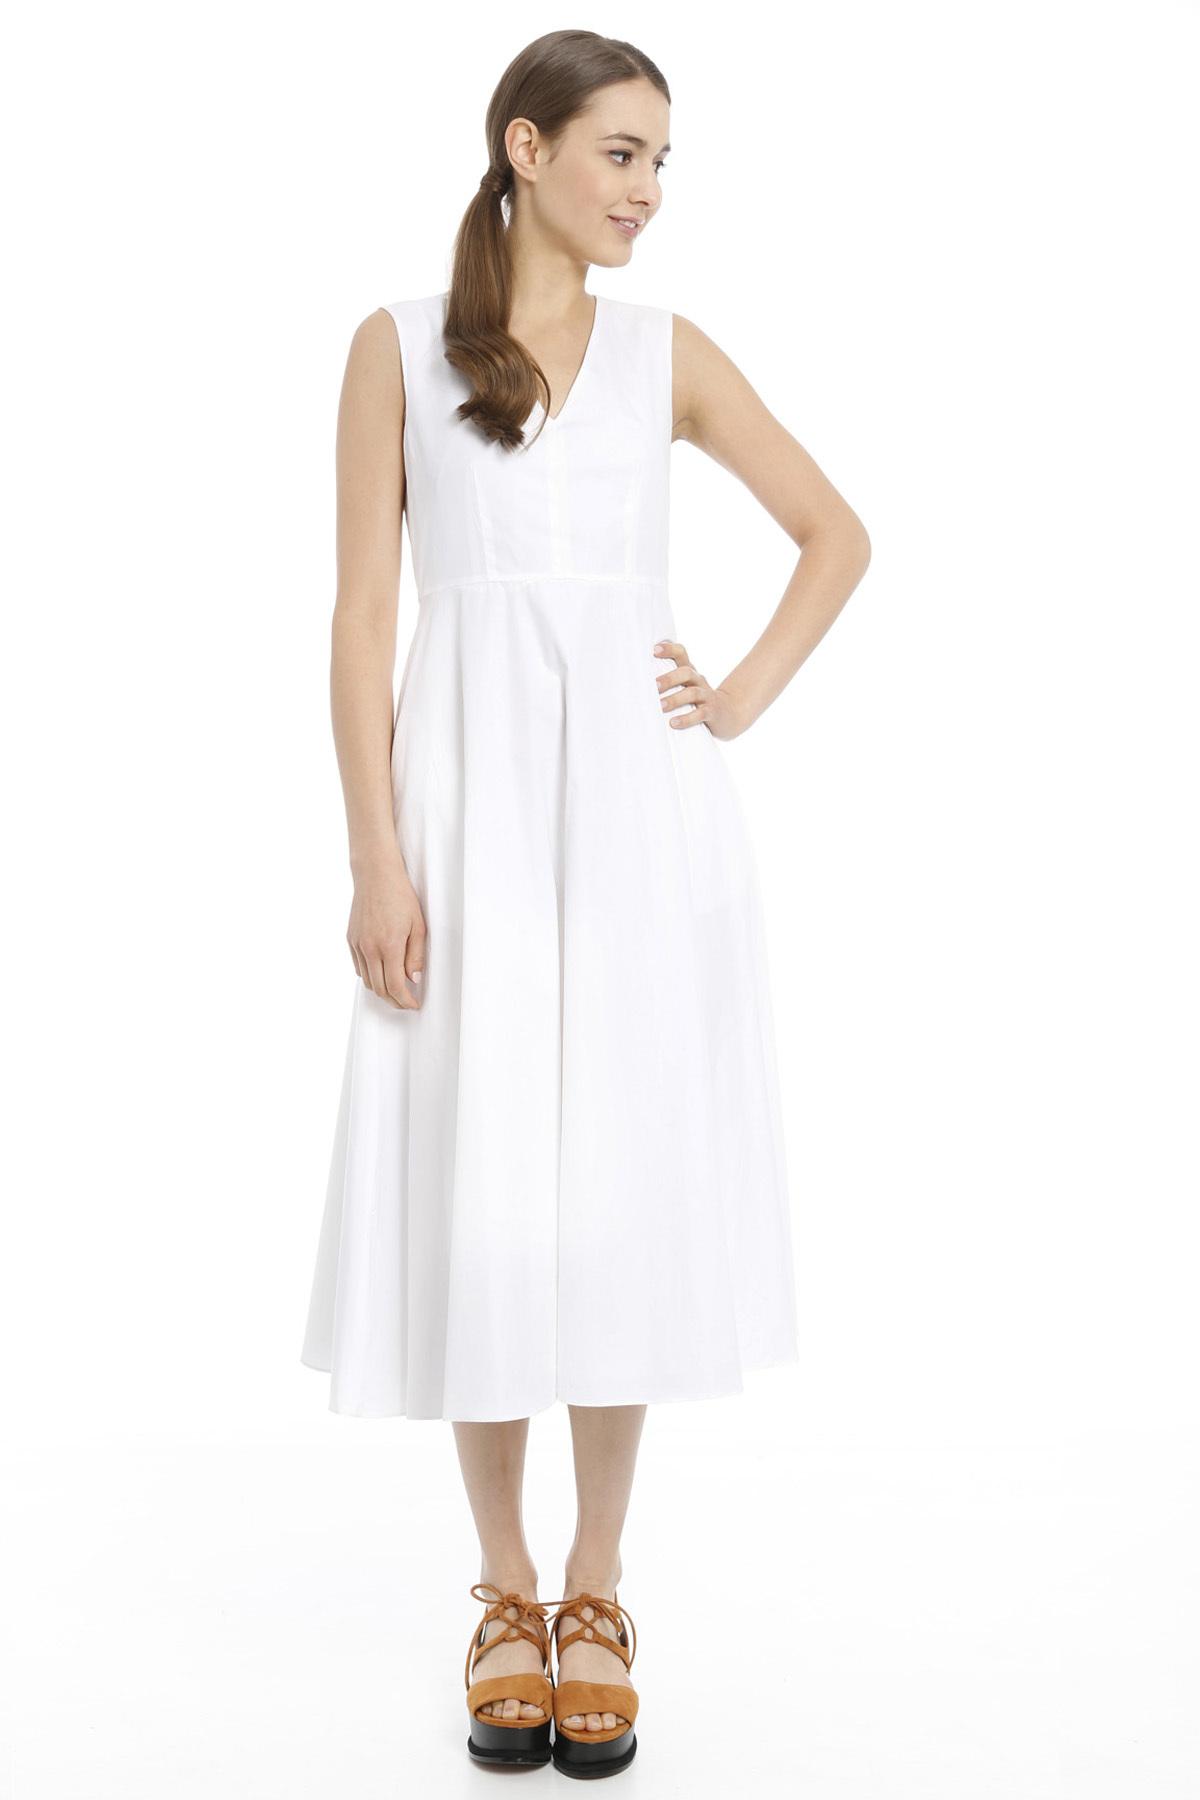 Vestiti eleganti da cerimonia diffusione tessile – Abiti alla moda 2885d5d1390